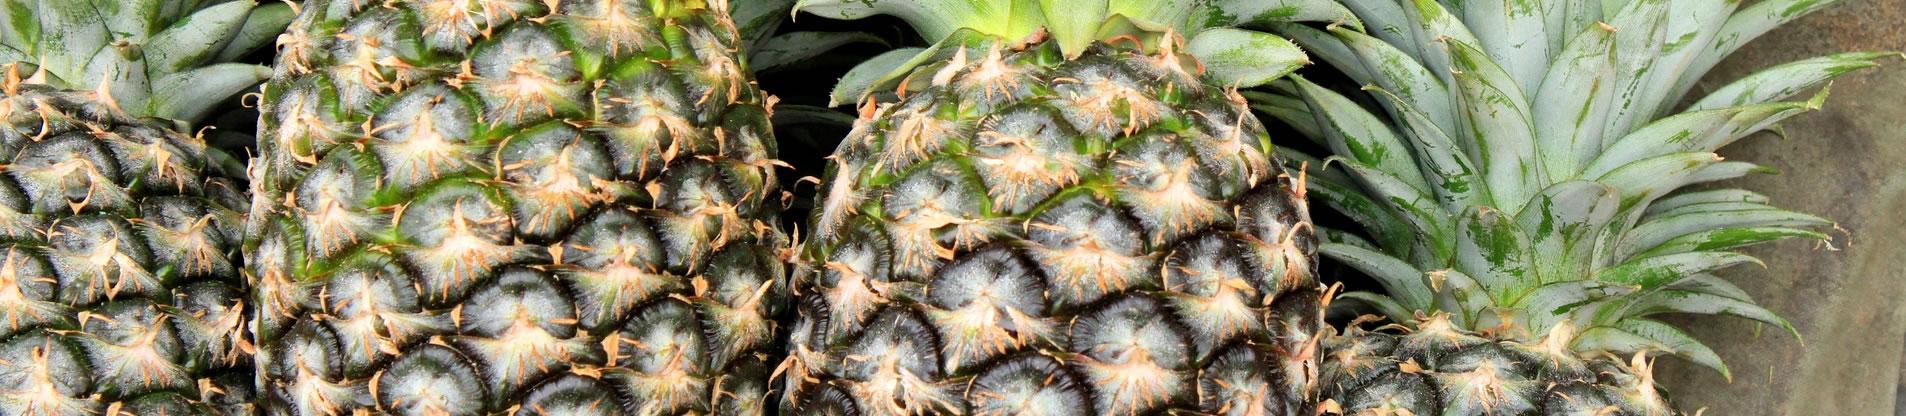 importateur-d-ananas-en-france-5